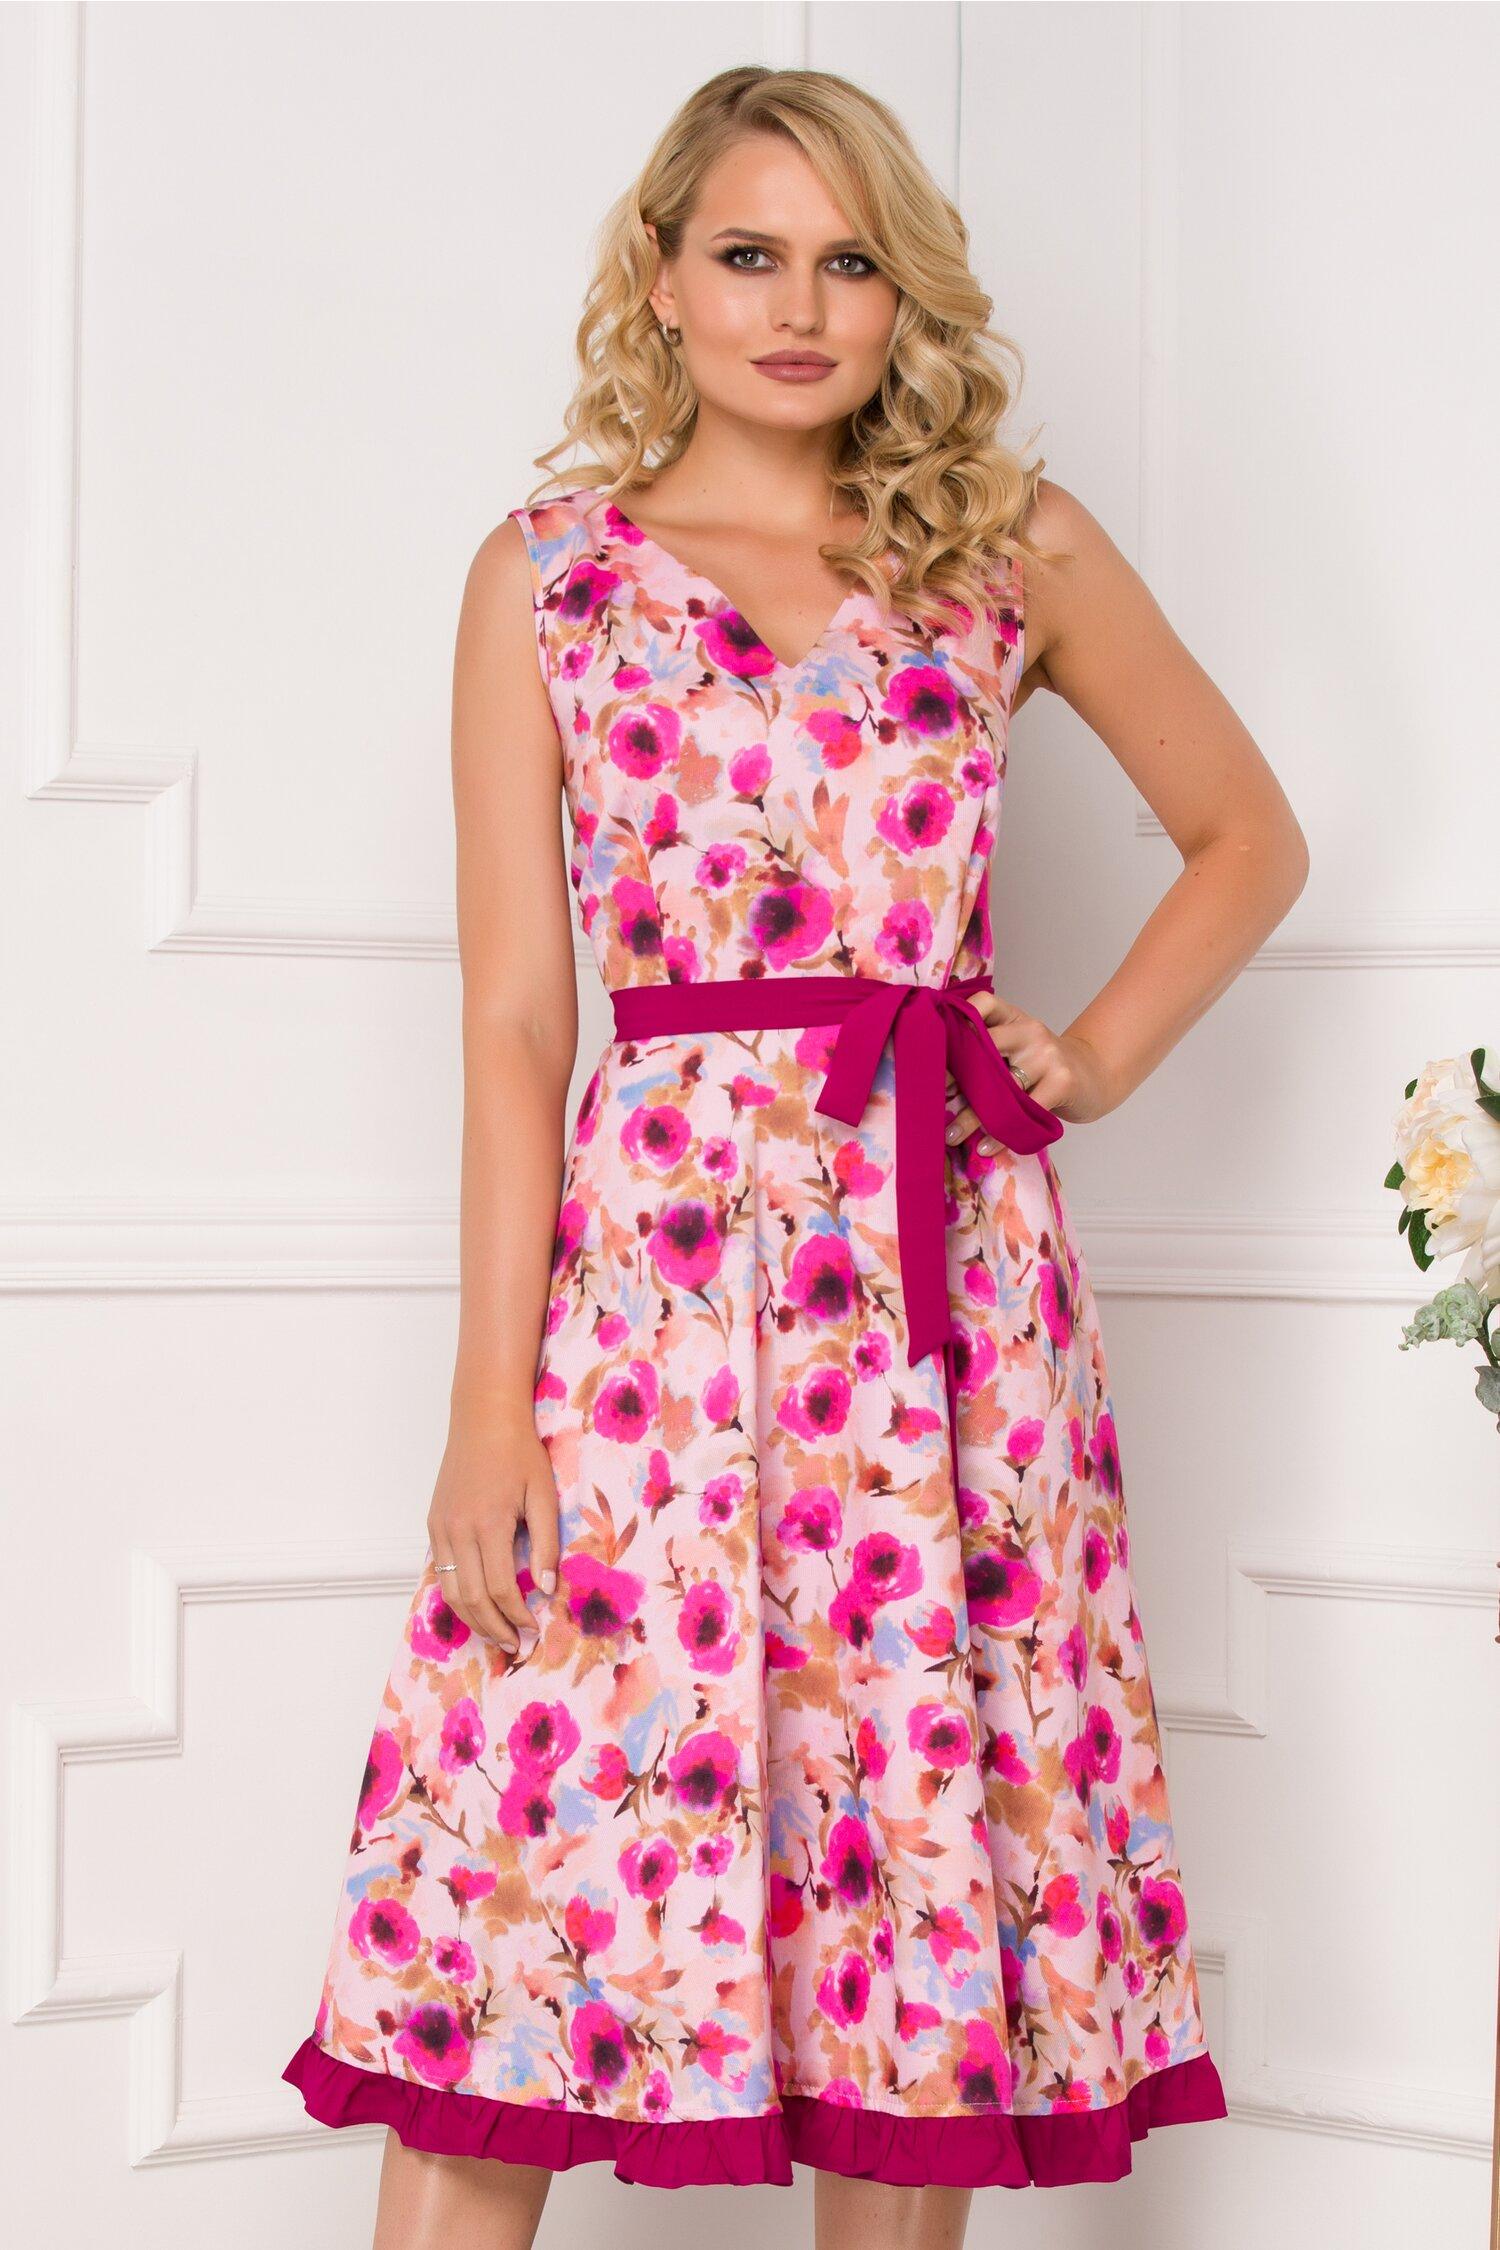 Rochie Elvira roz cu imprimeu floral in nuante de fucsia